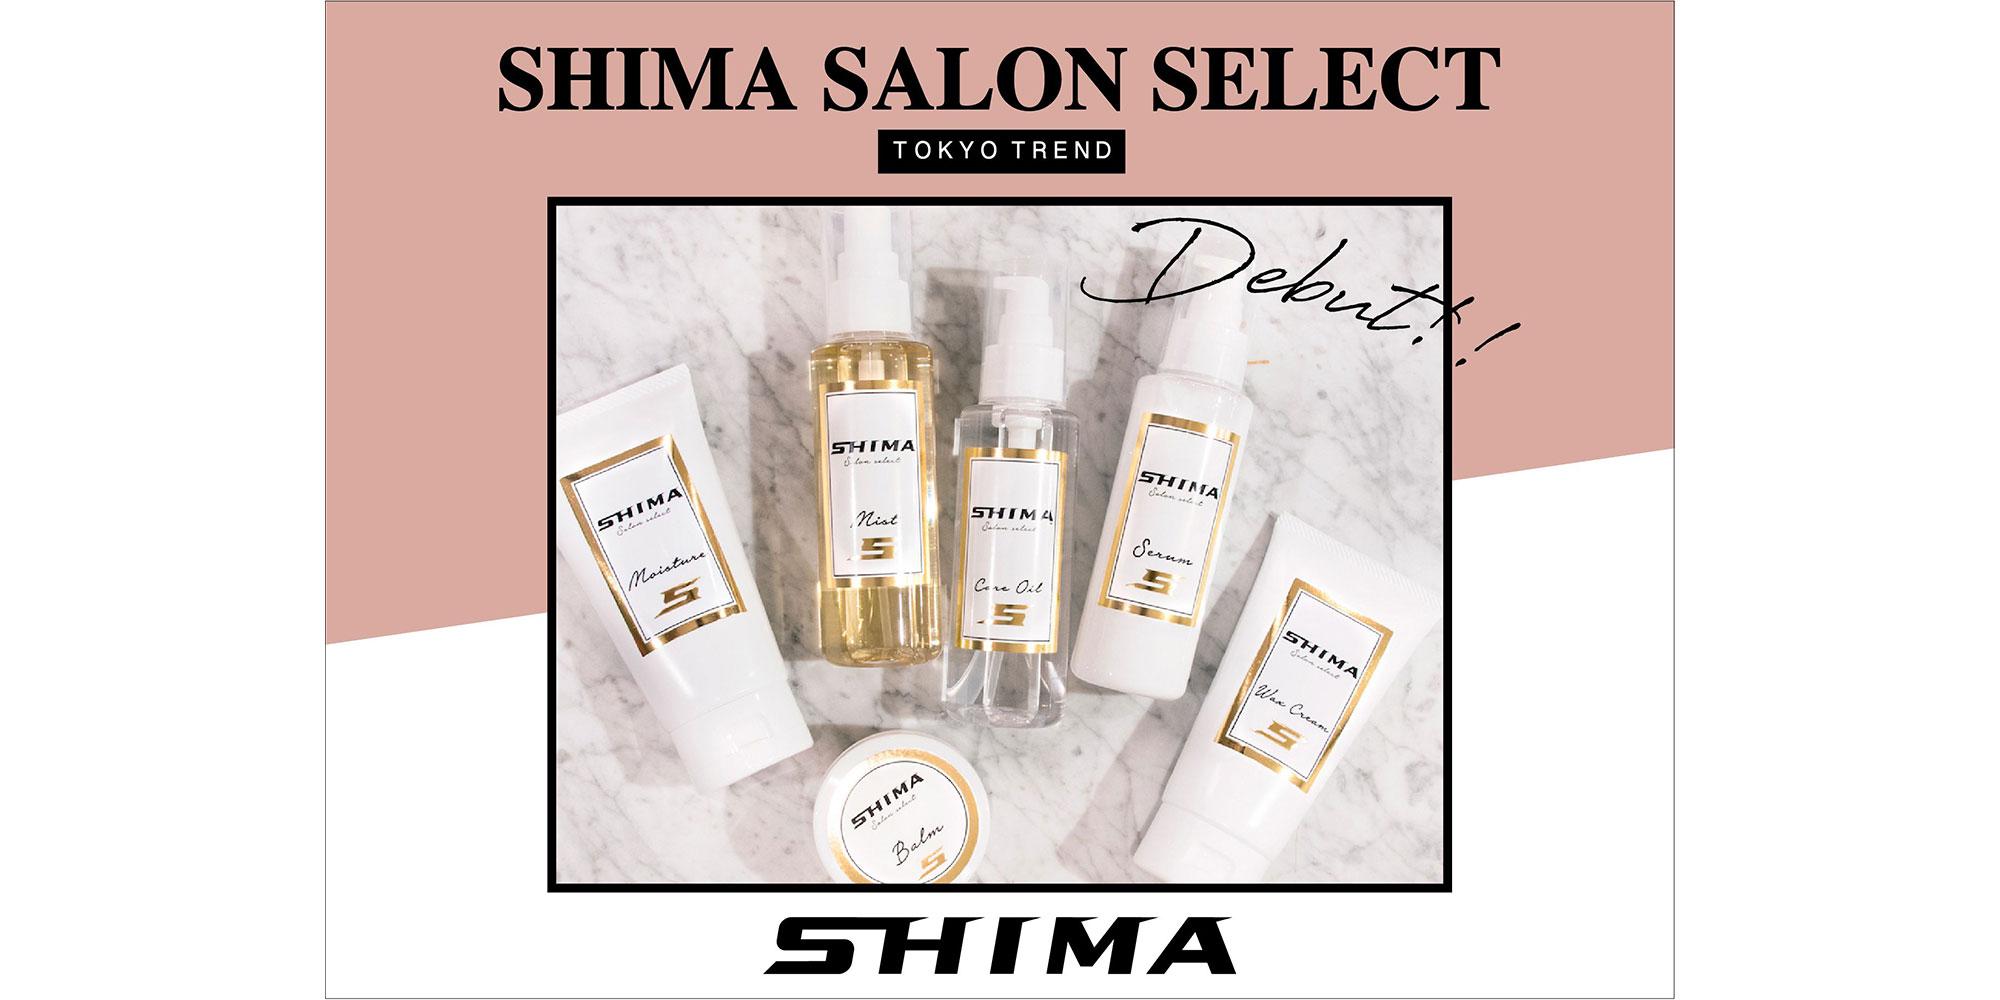 SHIMAがプロデュースするヘアケアアイテムを全国のLOFTにて発売!